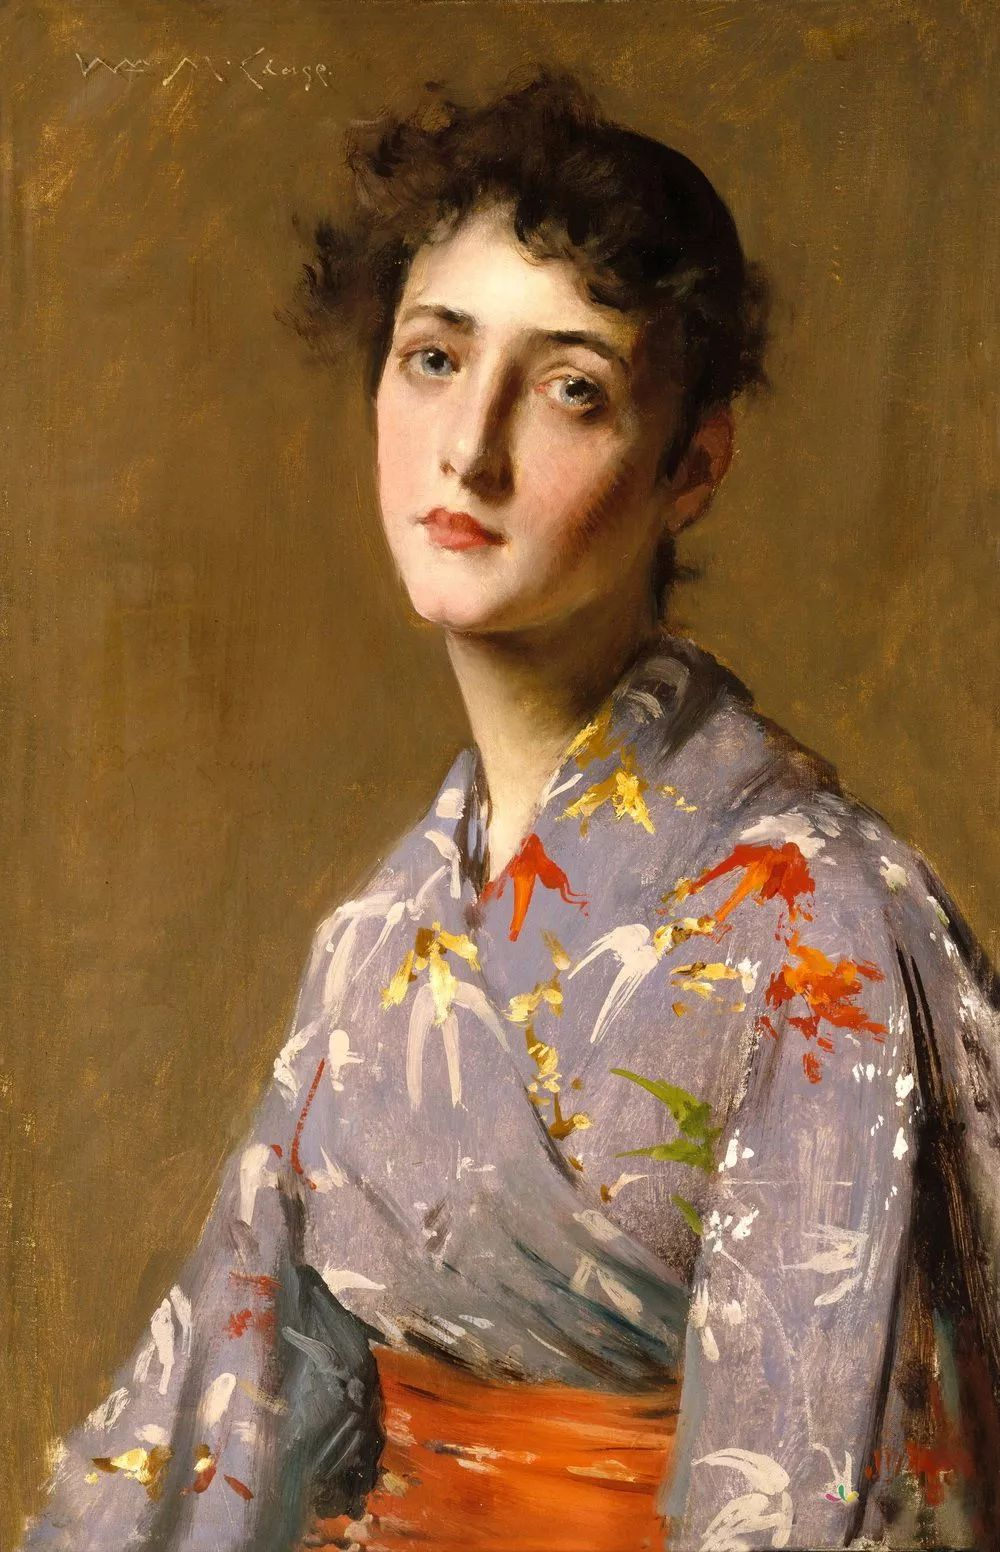 一位才华横溢的画家,上世纪初国际艺术界的领导者插图45